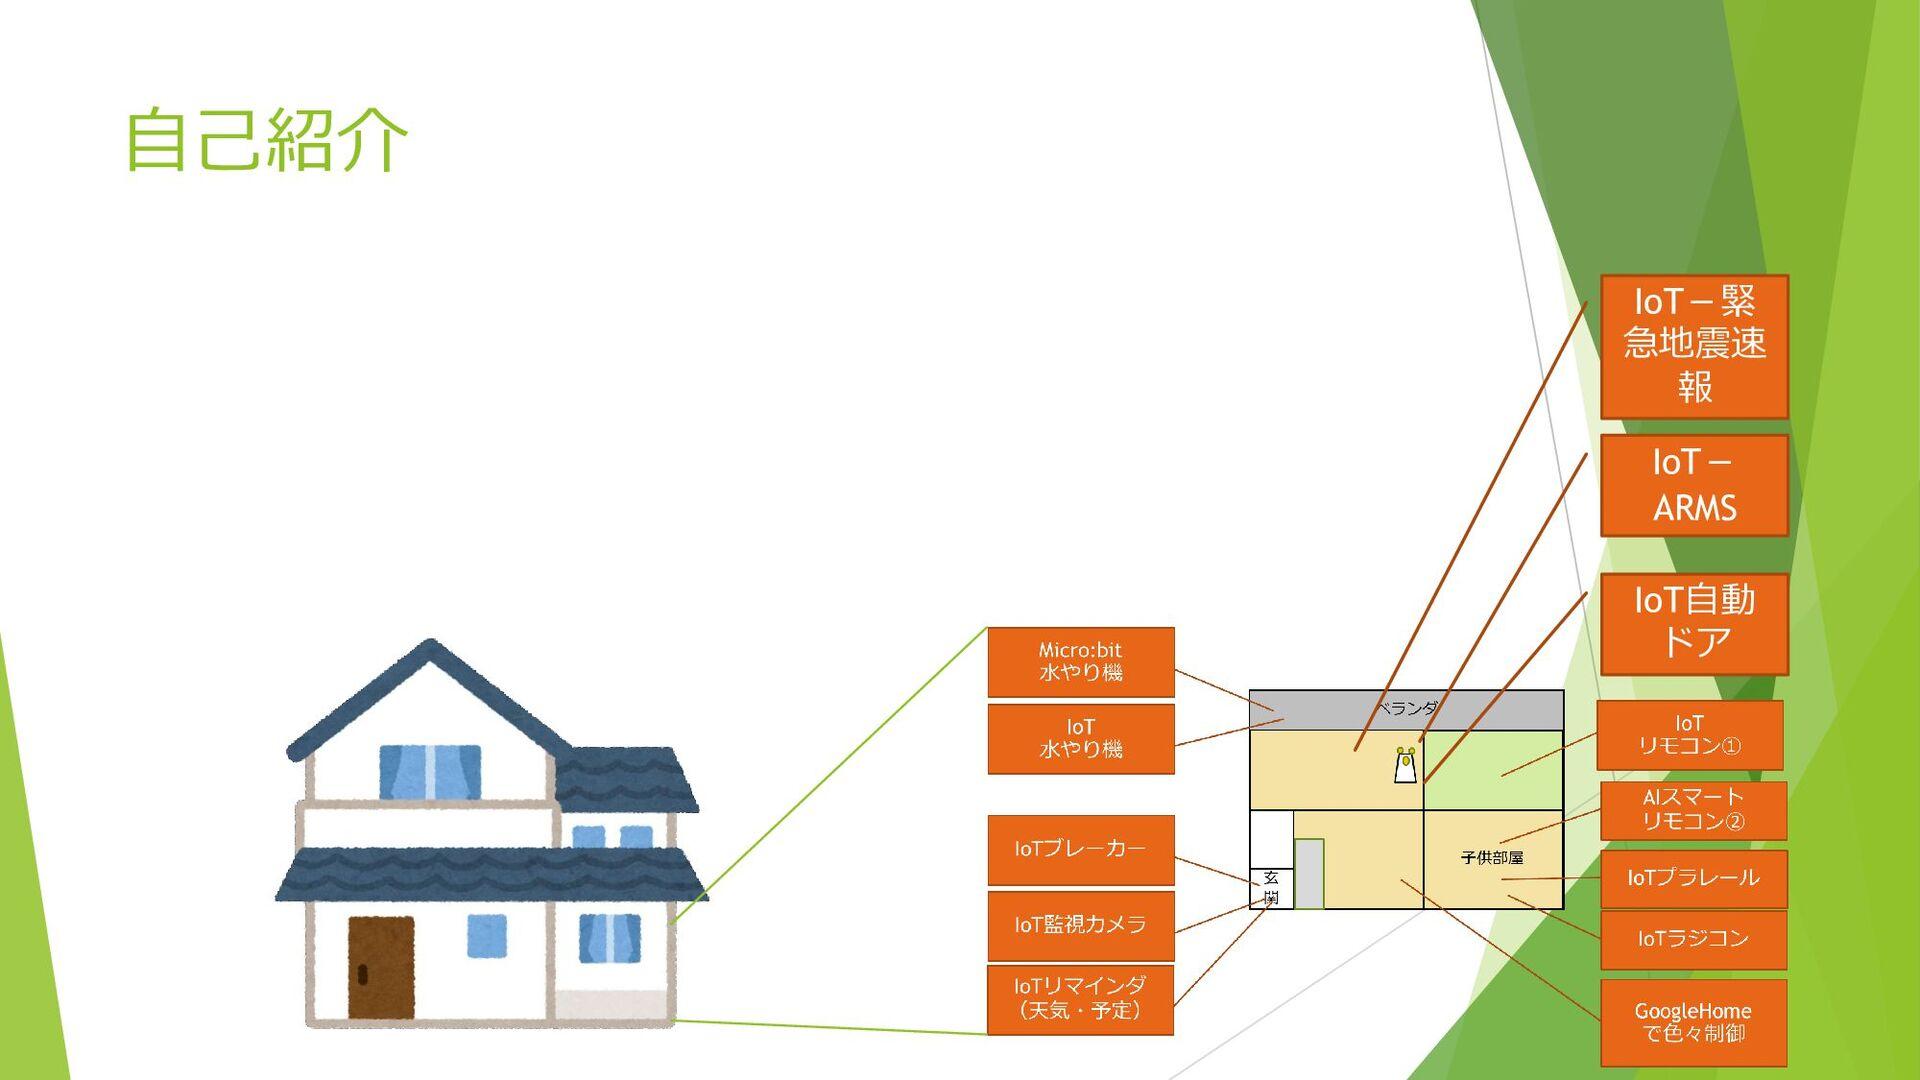 自己紹介 新井孔明 ファミリ向けIoTを中心に活動 IoT自動 ドア IoT- ARMS ...